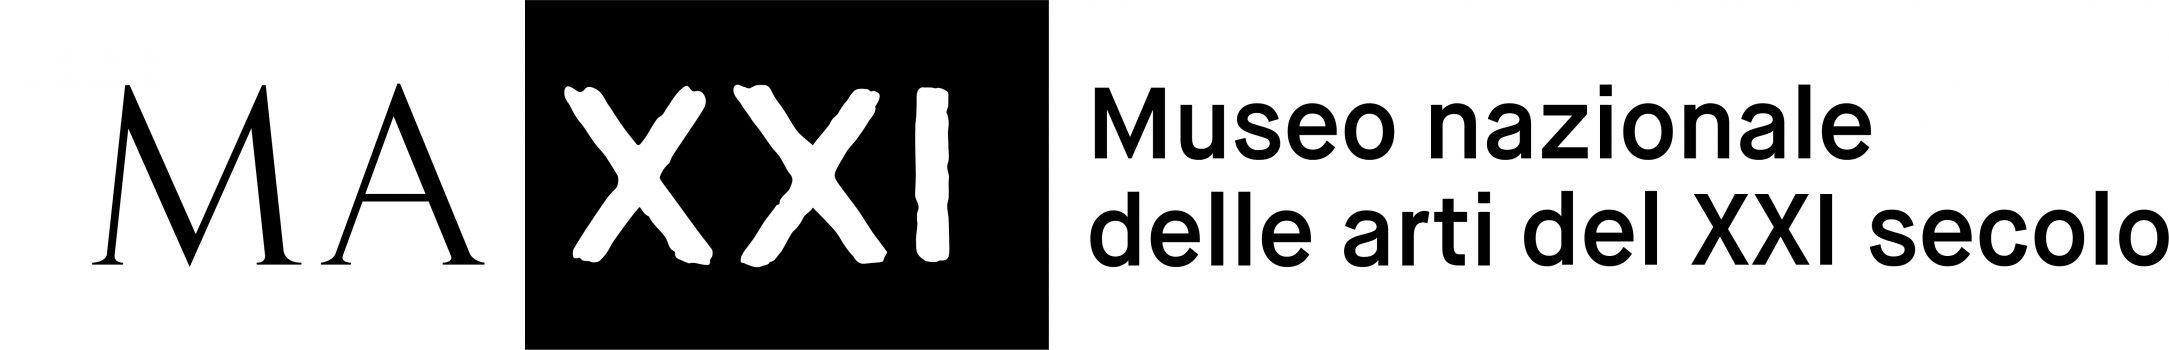 maxxi_logo_denominazione_destra